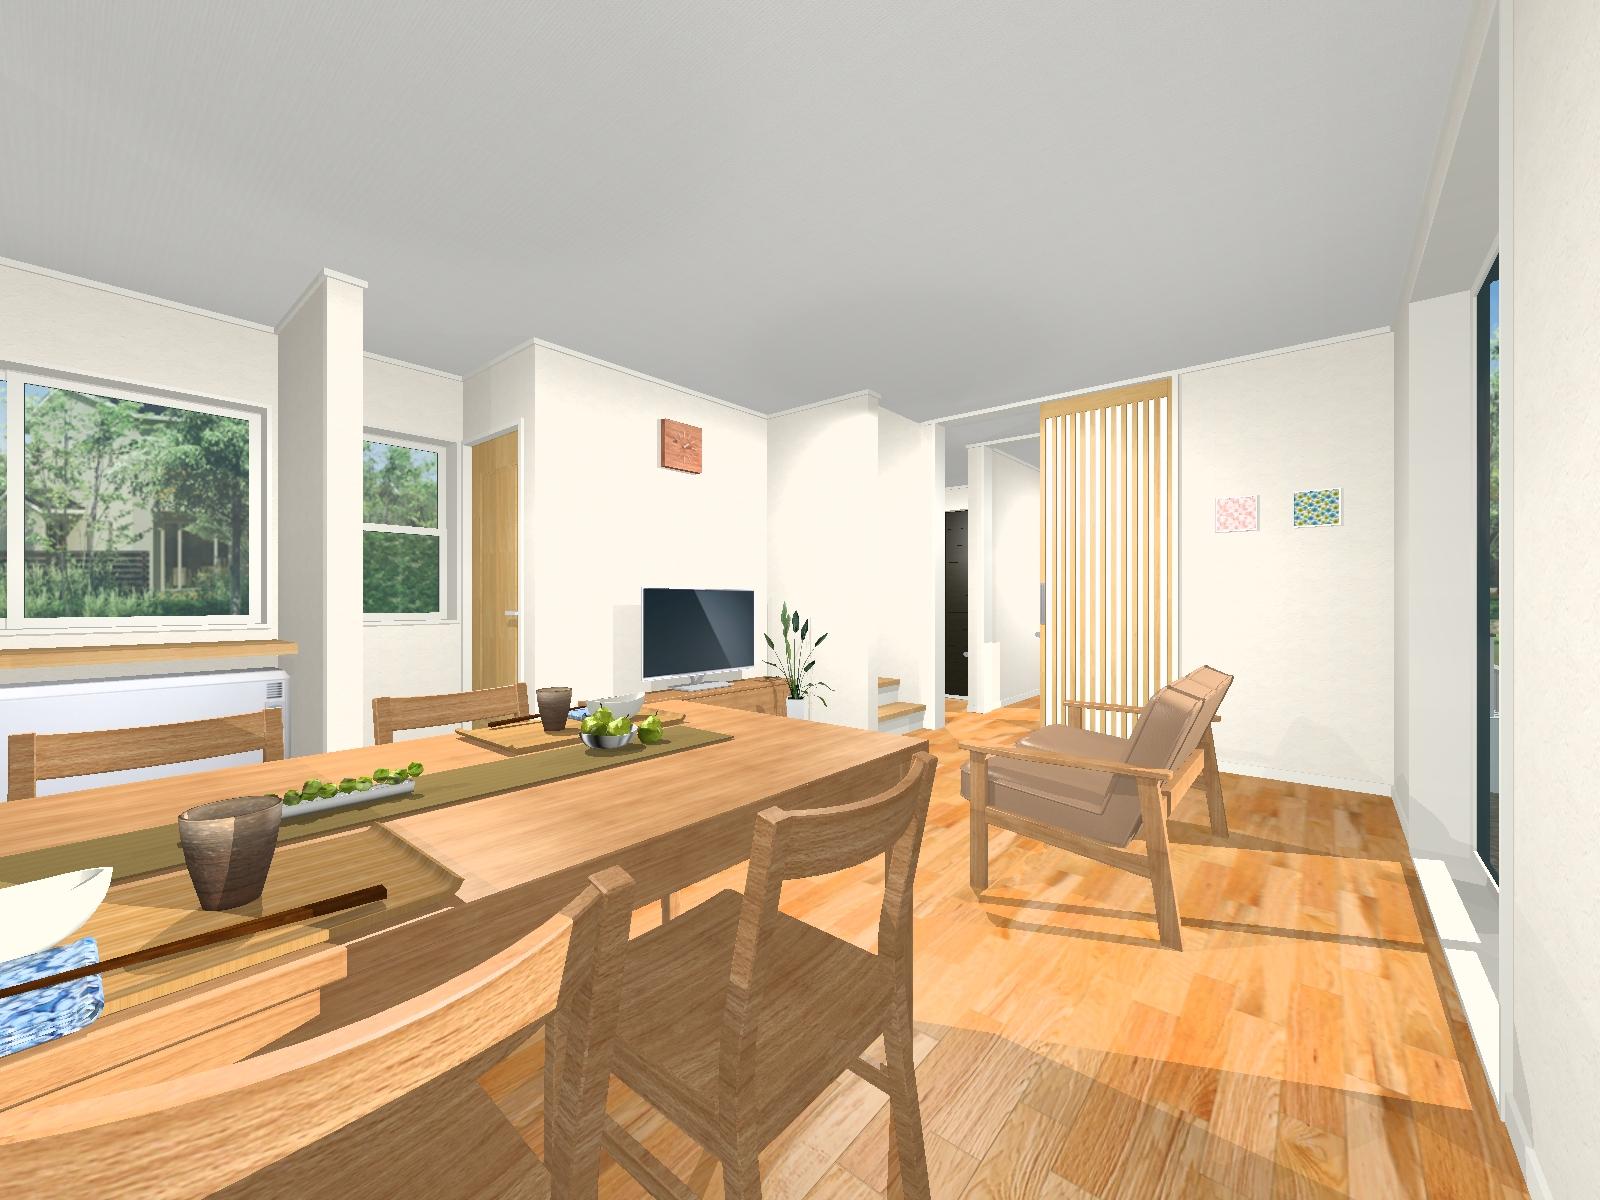 38坪の敷地に 3世代が住める30坪のお家の完成見学会